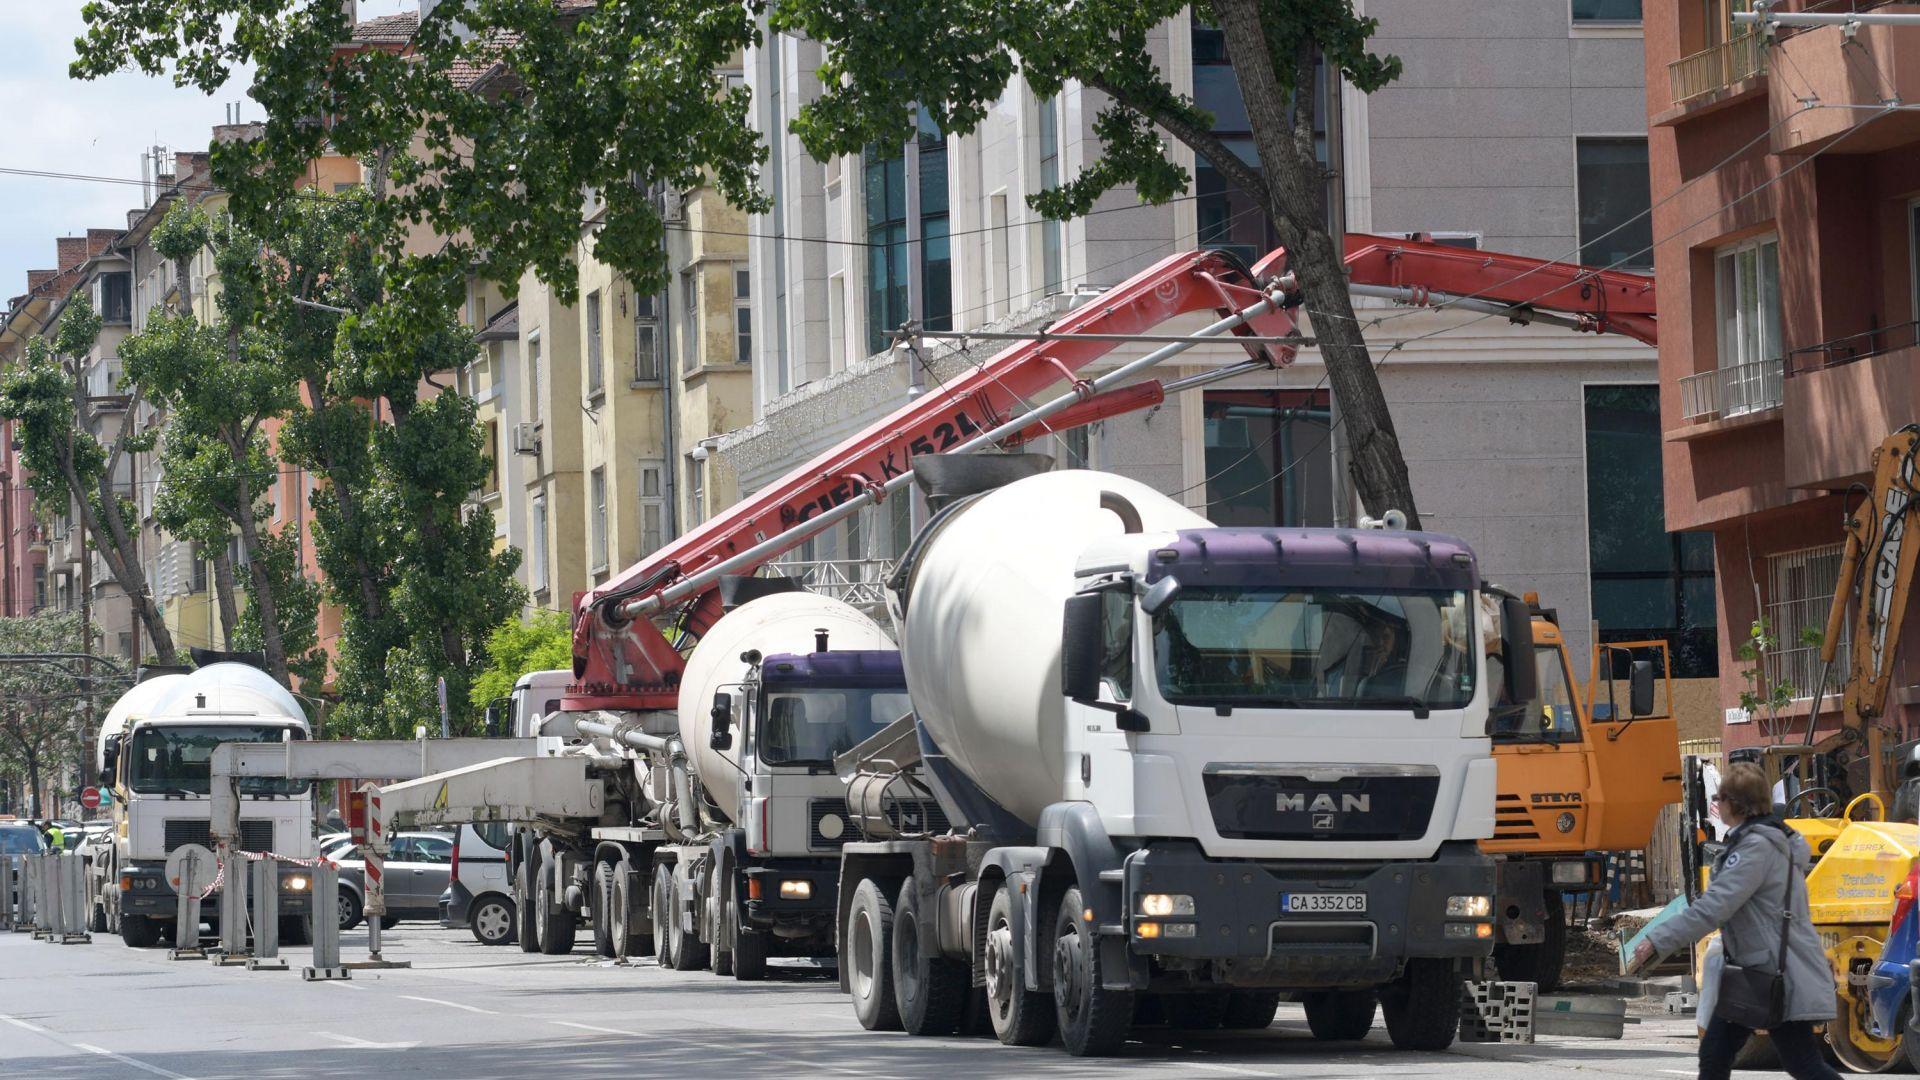 Стотици кубични метра бетон изливат на мястото на Двойната къща (снимки)